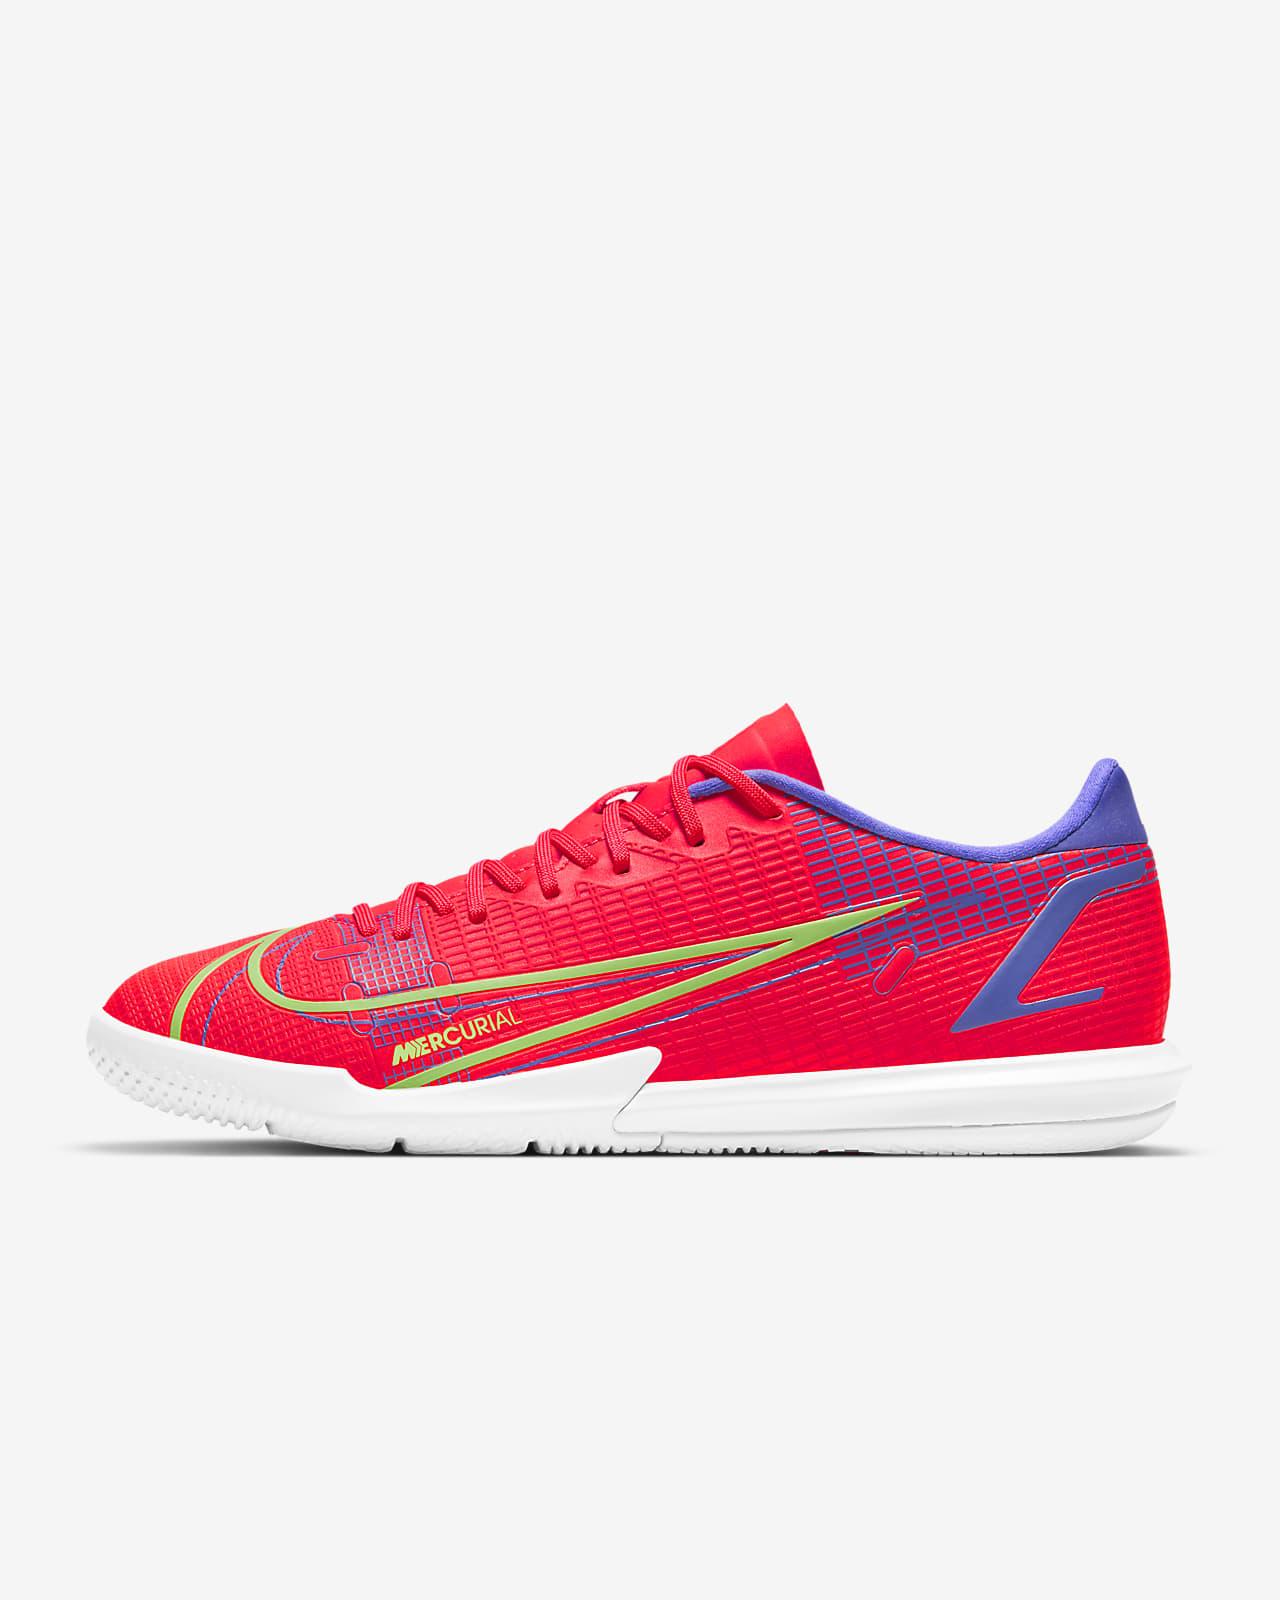 Fotbollssko Nike Mercurial Vapor 14 Academy IC för inomhusplan/futsal/street